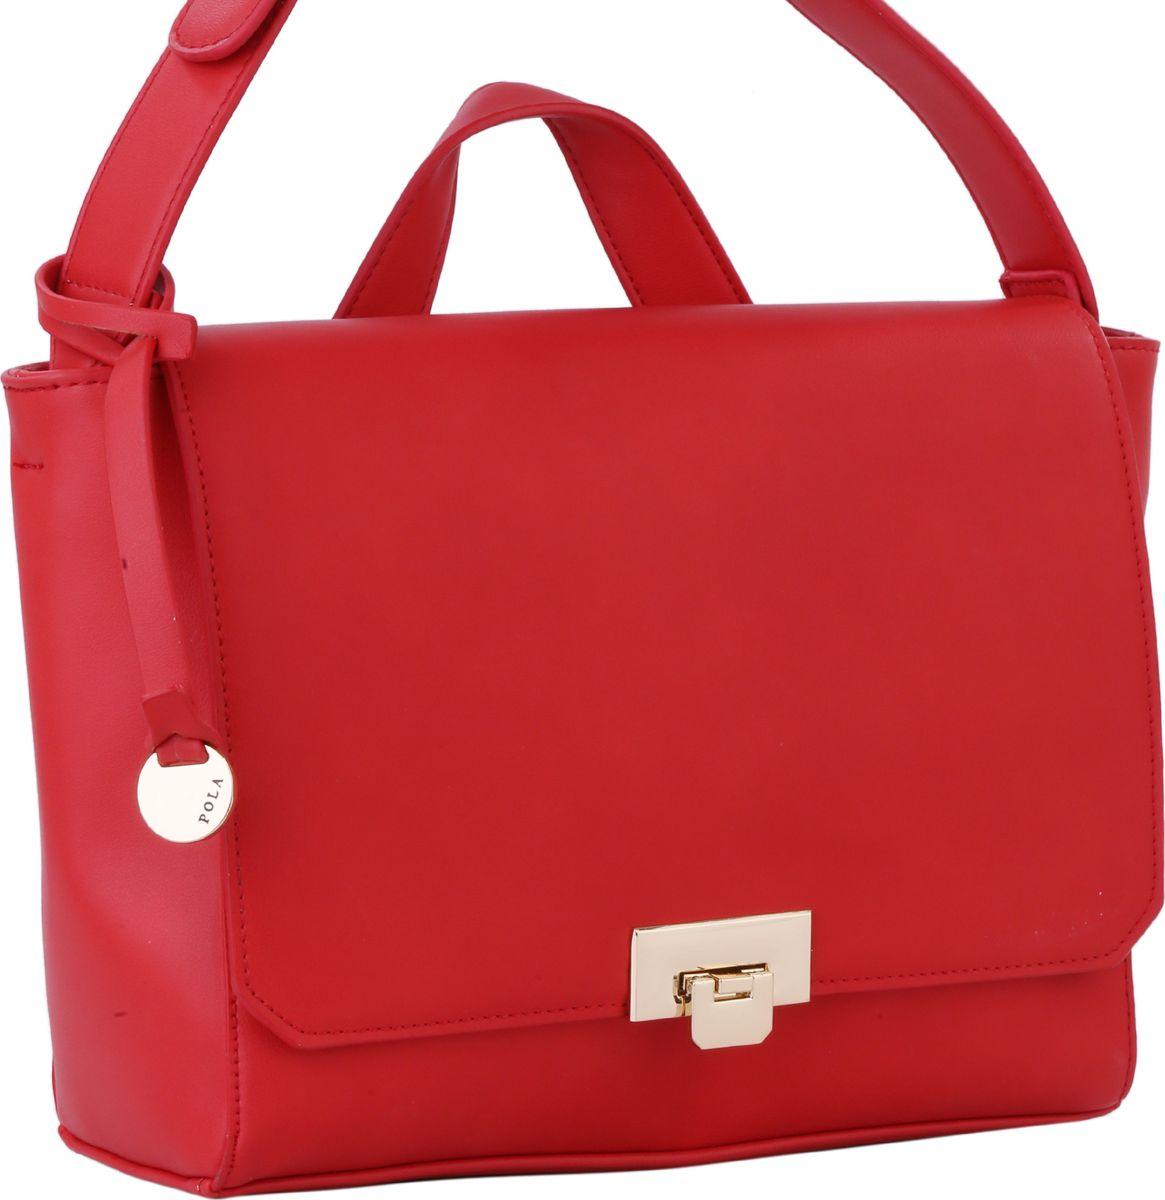 Сумка женская Pola, цвет: красный. 64441BM8434-58AEЖенская сумка Pola выполнена из качественной экокожи. Основное отделение закрывается клапаном на металлический замок и застегивается на молнию. Внутри два маленьких открытых кармана и небольшой карман на молнии. Сзади сумки расположен вшитый карман на молнии. Плечевой ремень несъемный, регулируемый по длине, максимальная высота 56 см. Имеется короткая ручка для переноски в руке. Цвет фурнитуры - золото.